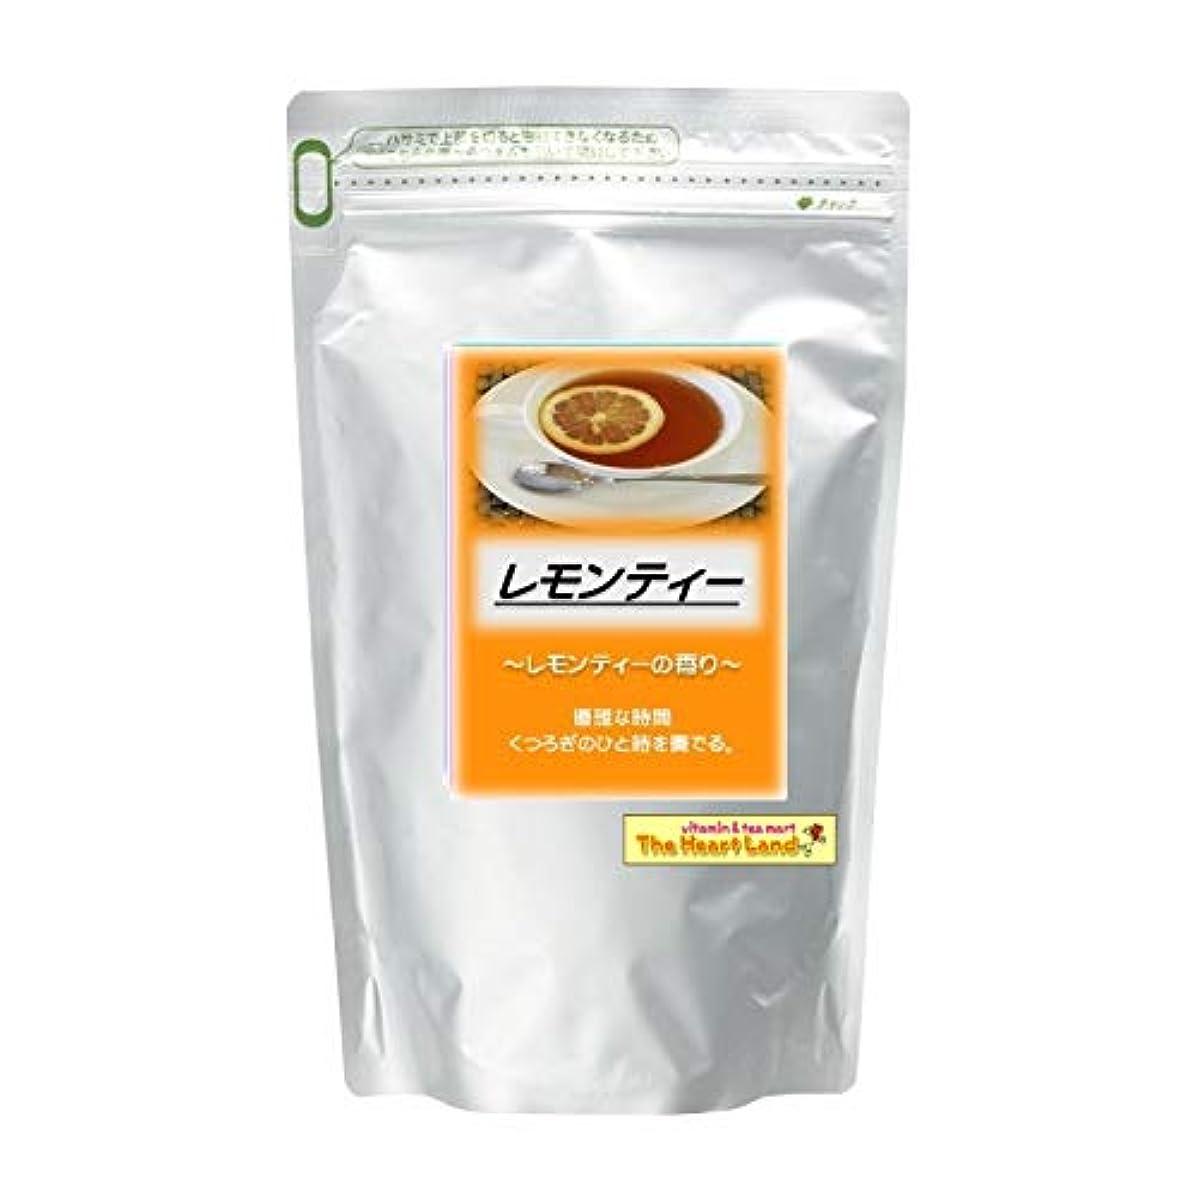 バリー白鳥の配列アサヒ入浴剤 浴用入浴化粧品 レモンティー 2.5kg